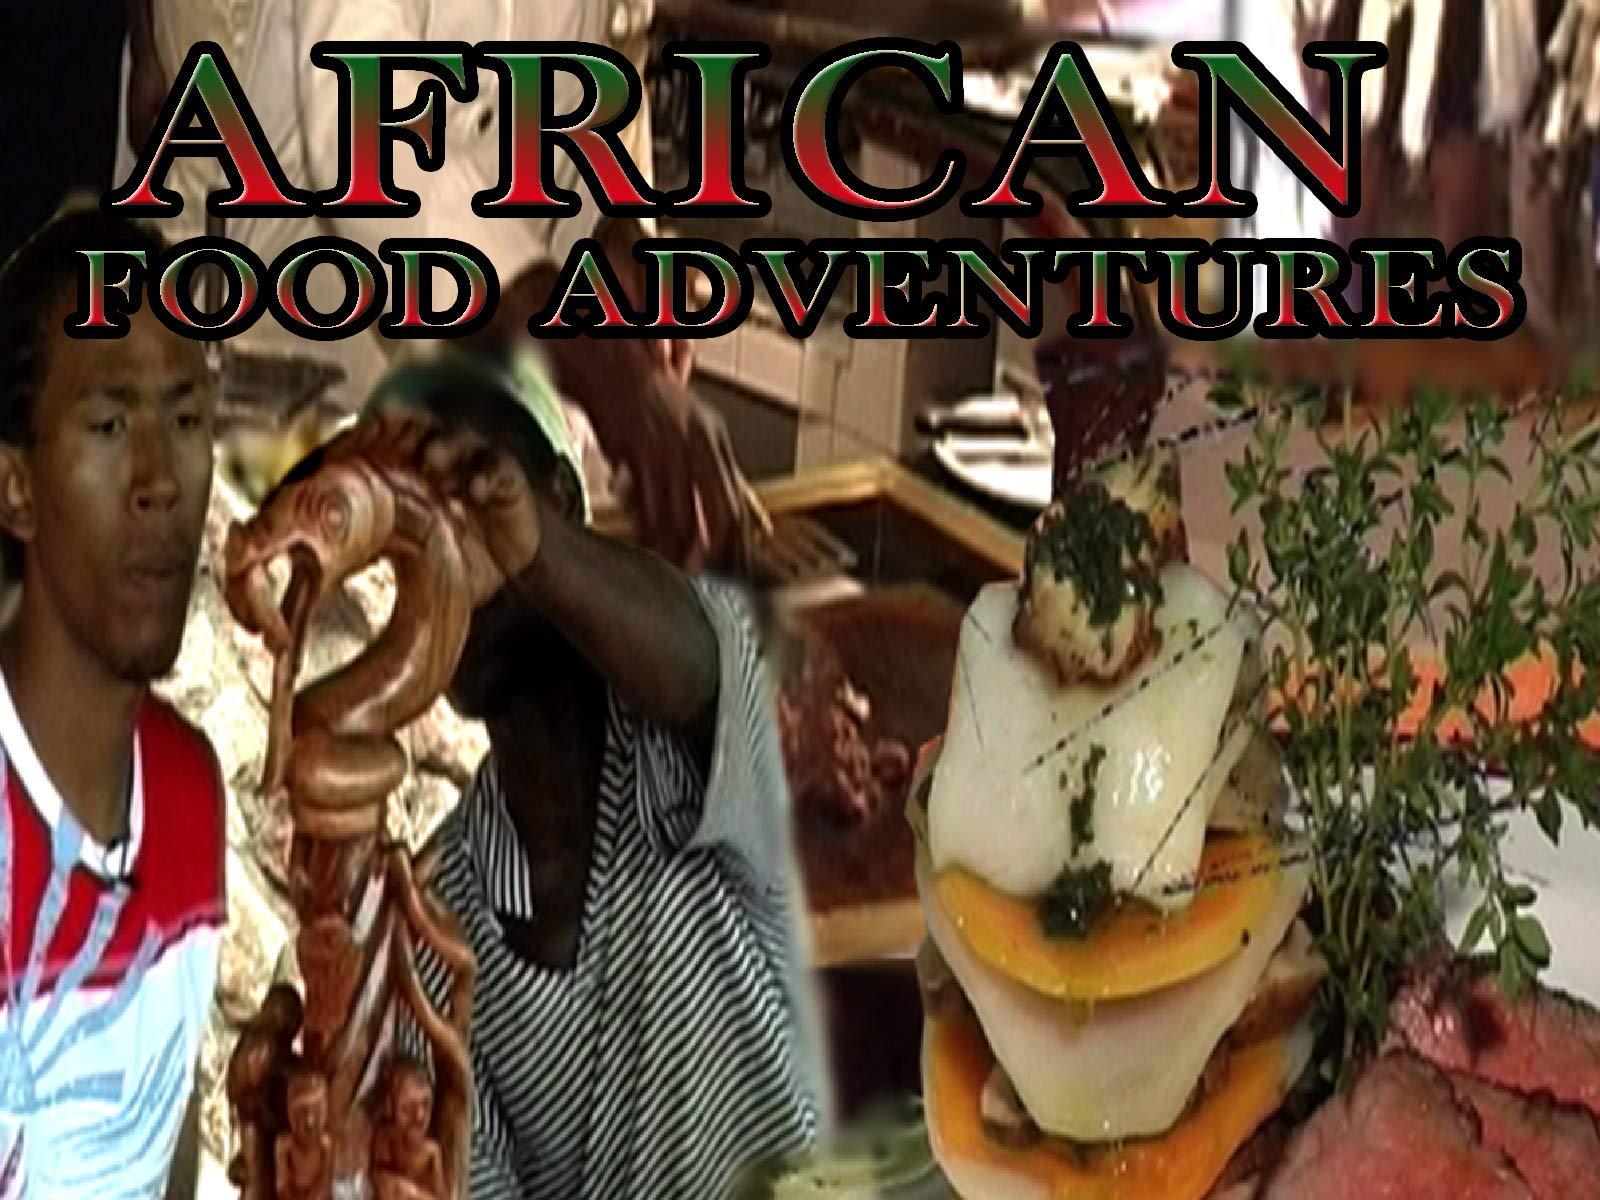 African Food Adventures - Season 1